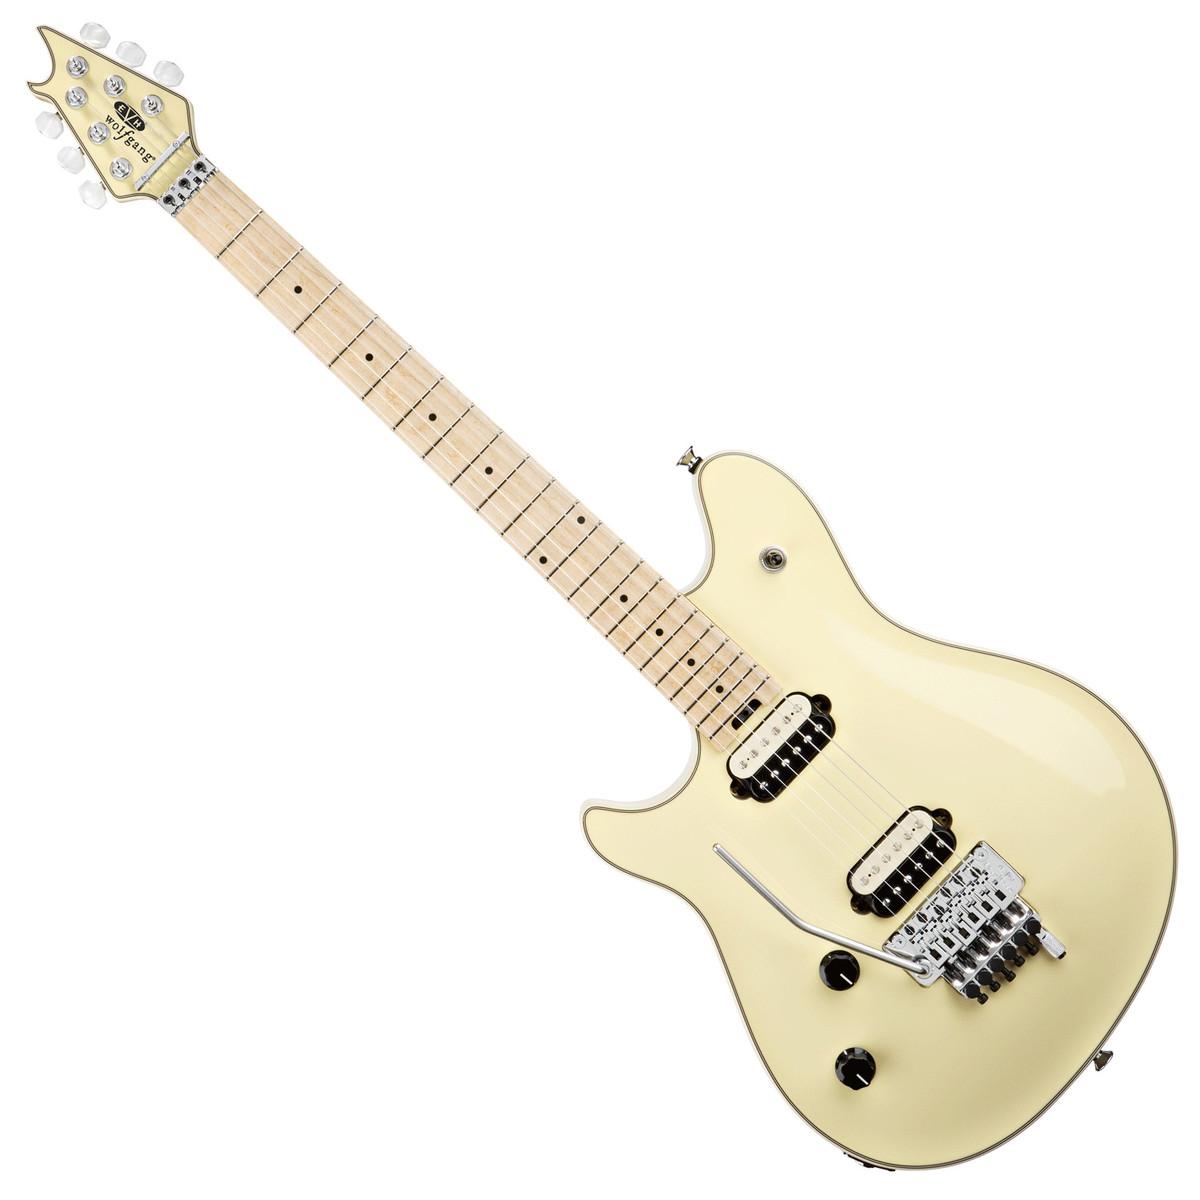 guitare gaucher vintage